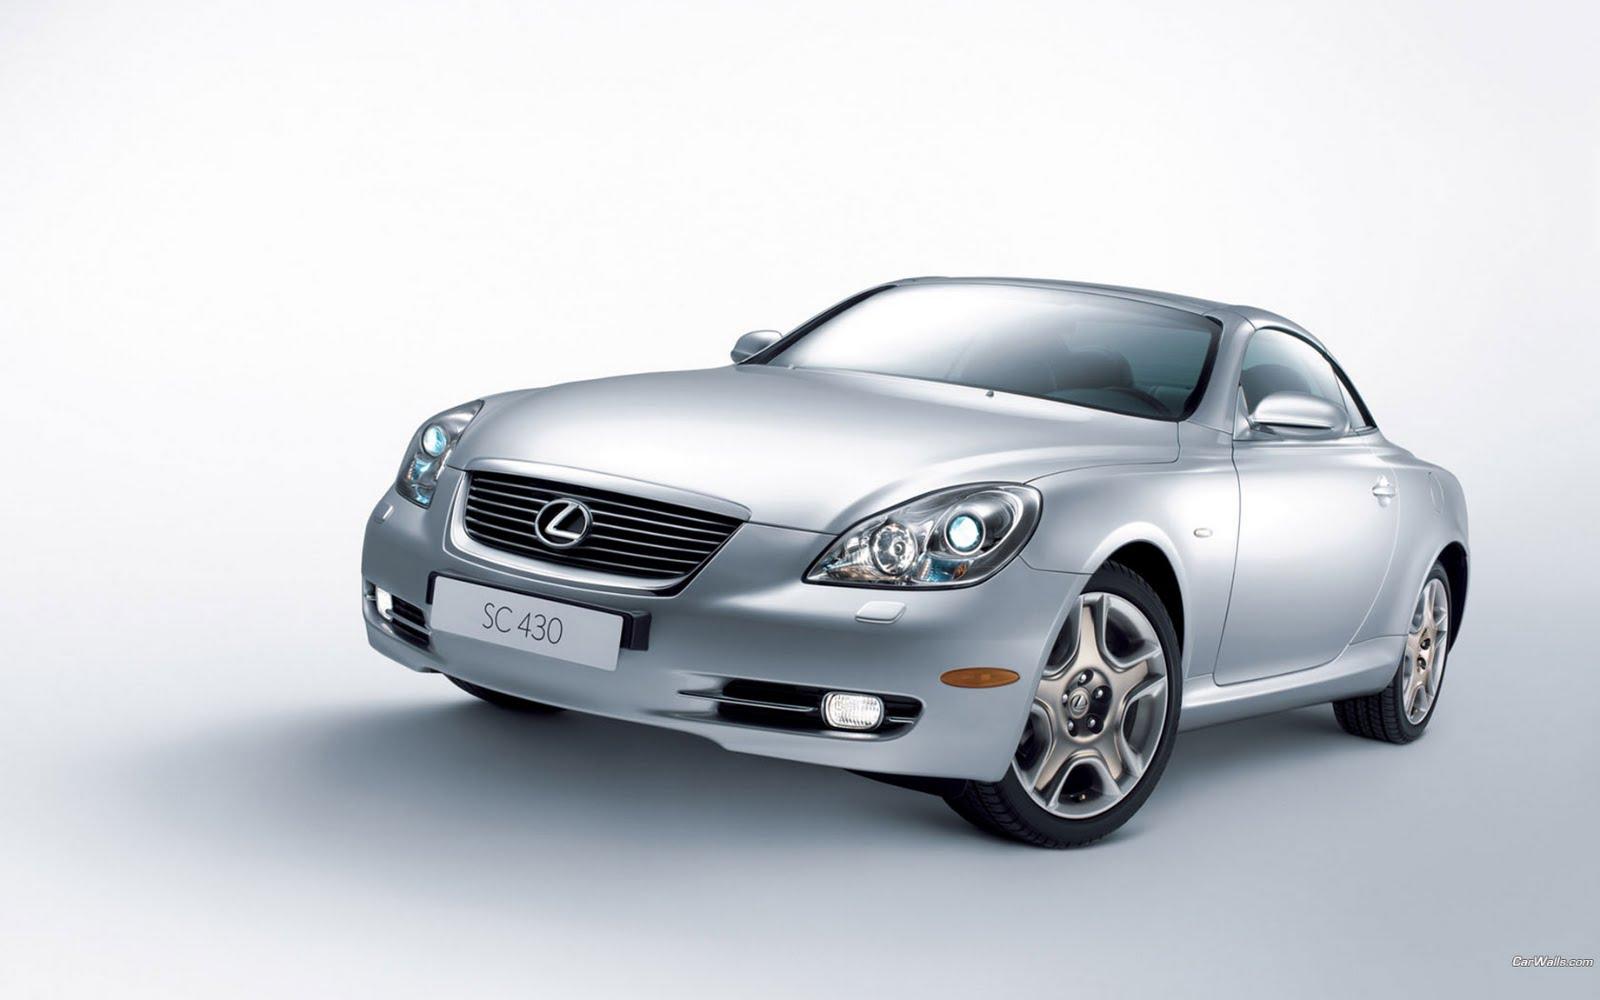 http://3.bp.blogspot.com/-YNc03MNTLrY/Tf9_vL-dOxI/AAAAAAAAAFE/CZvfn9hclKs/s1600/Lexus_SC_430_101_1680.jpg